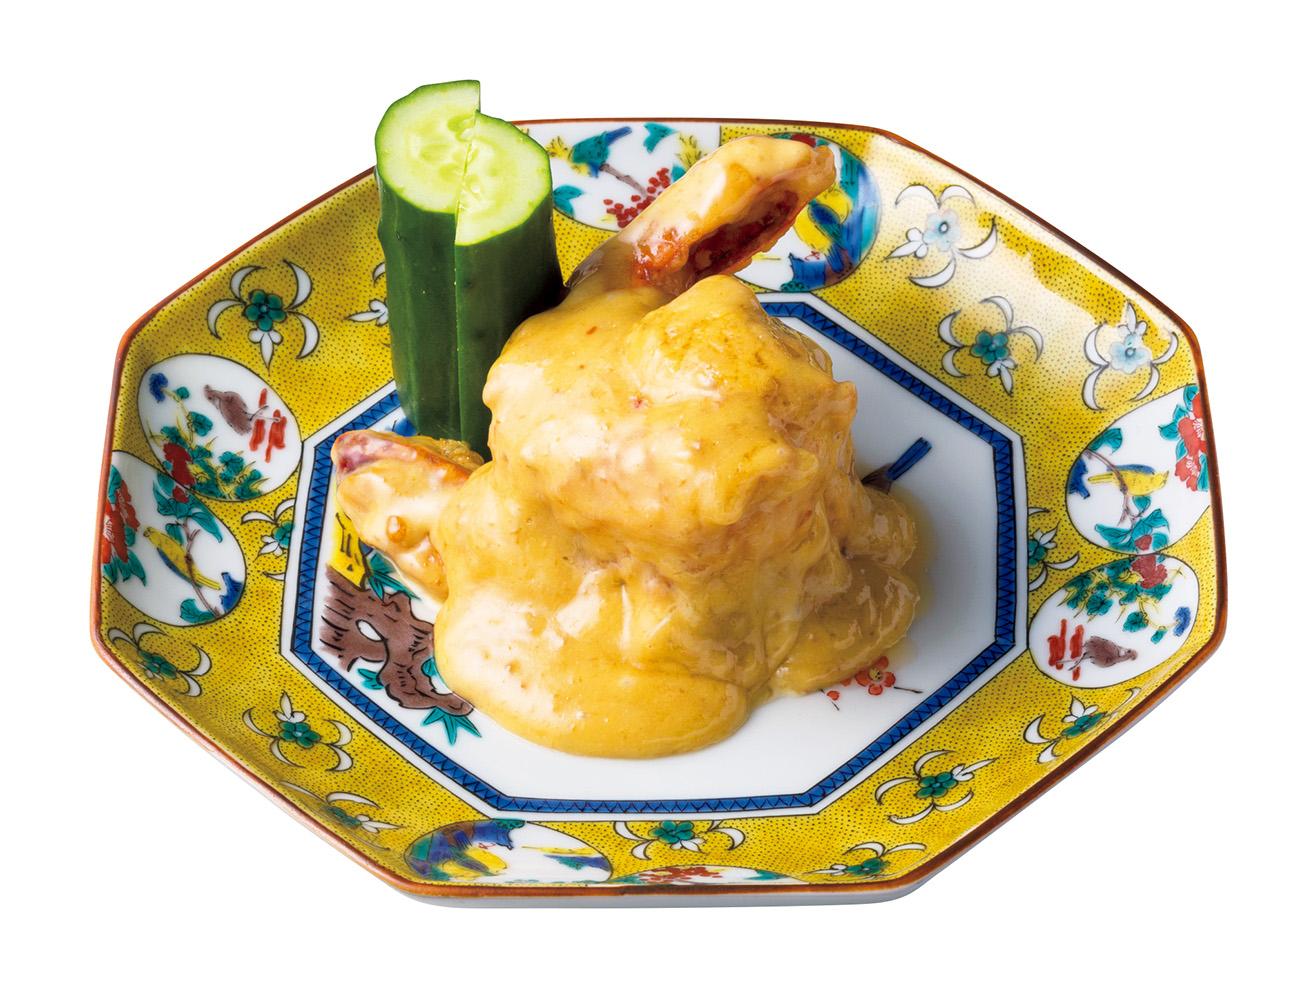 濃厚エビマヨ¥1,200(2本)は、エビ味噌を加えたソースが大きなエビに絡む。